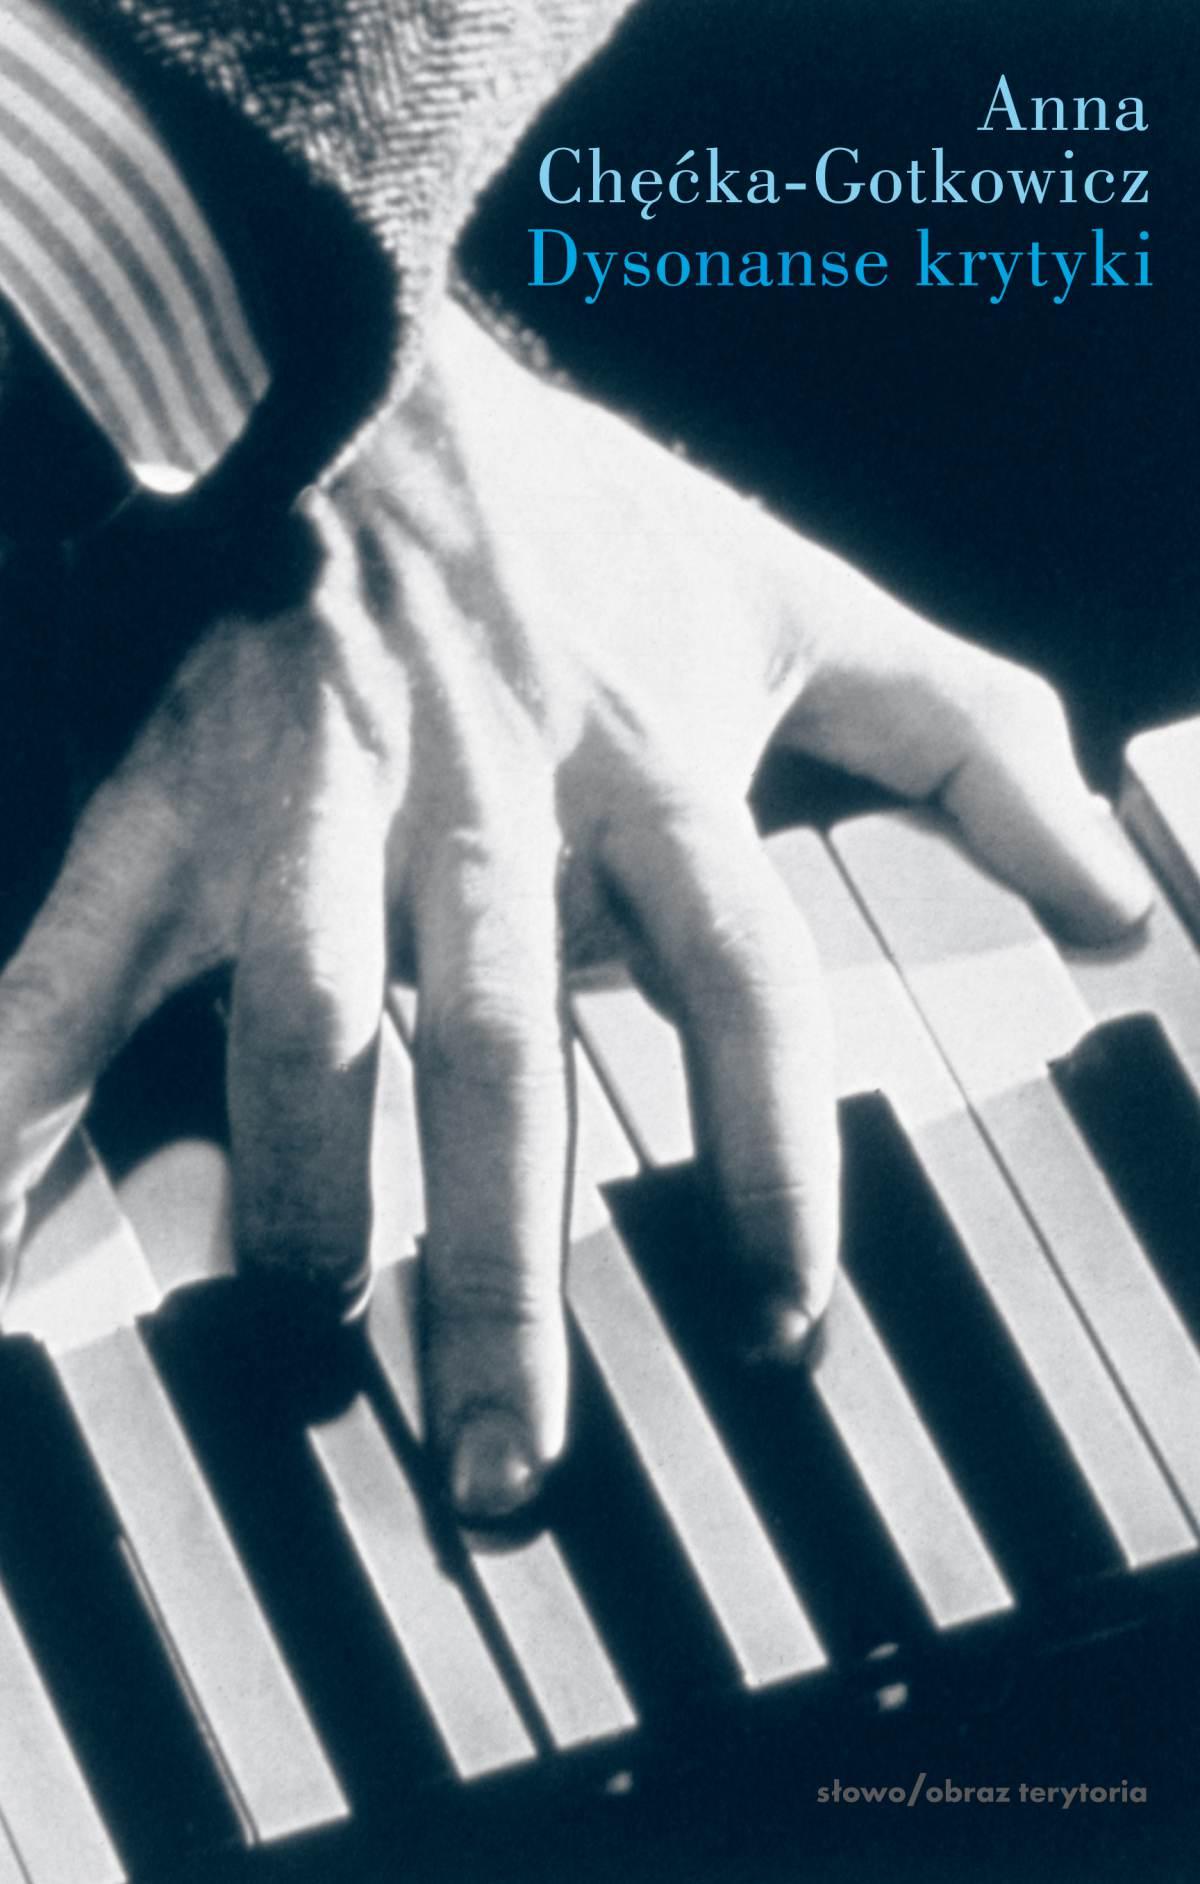 Dysonanse krytyki. O ocenie wykonania dzieła muzycznego - Ebook (Książka EPUB) do pobrania w formacie EPUB